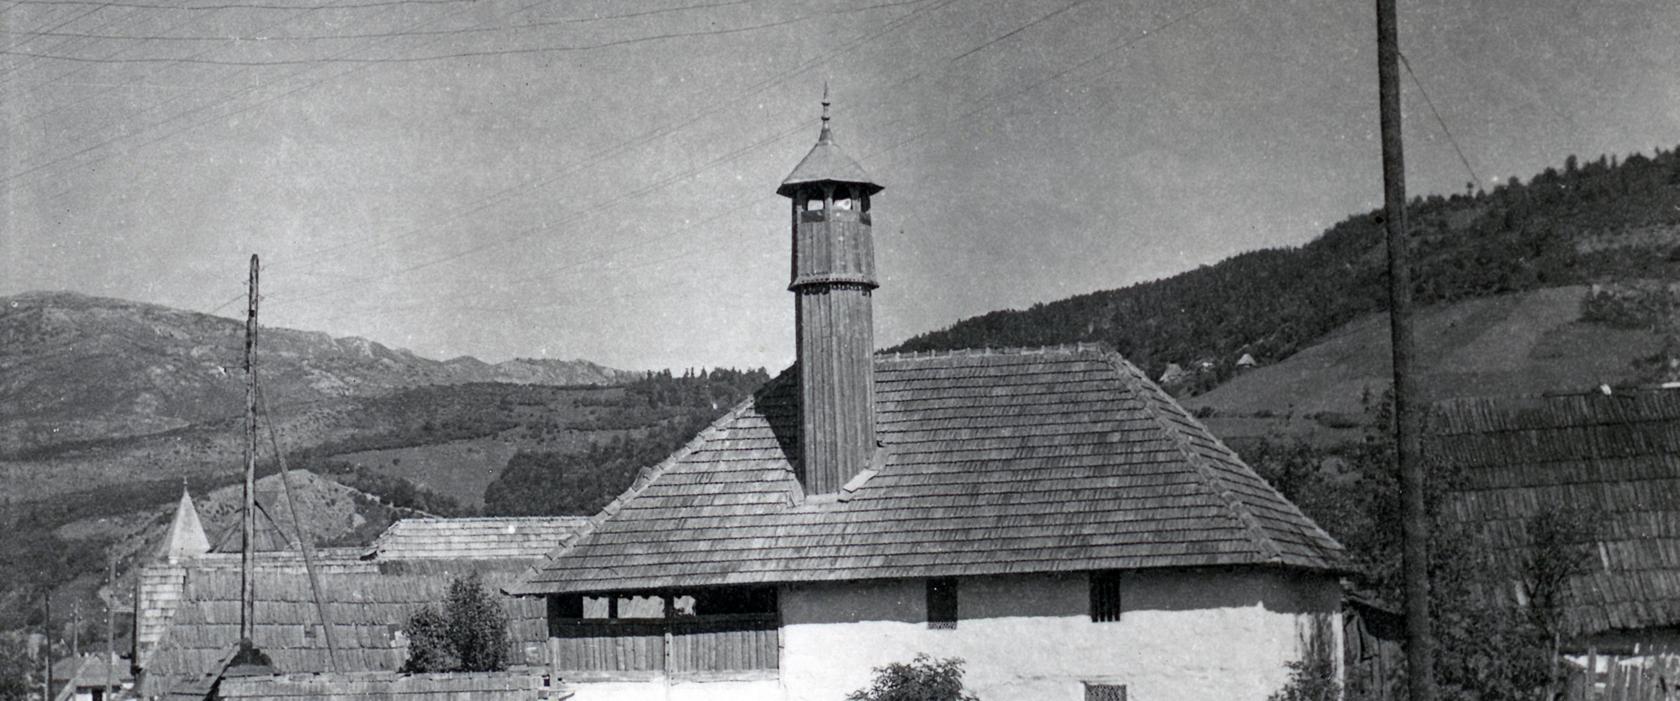 Džamija u Trnovu, 1956. godine.